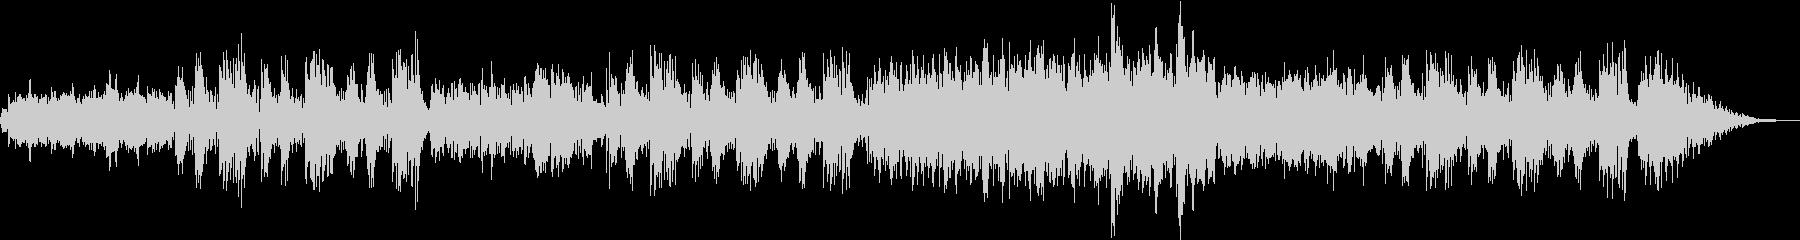 超スイートなムードの優しく切ないボサノバの未再生の波形